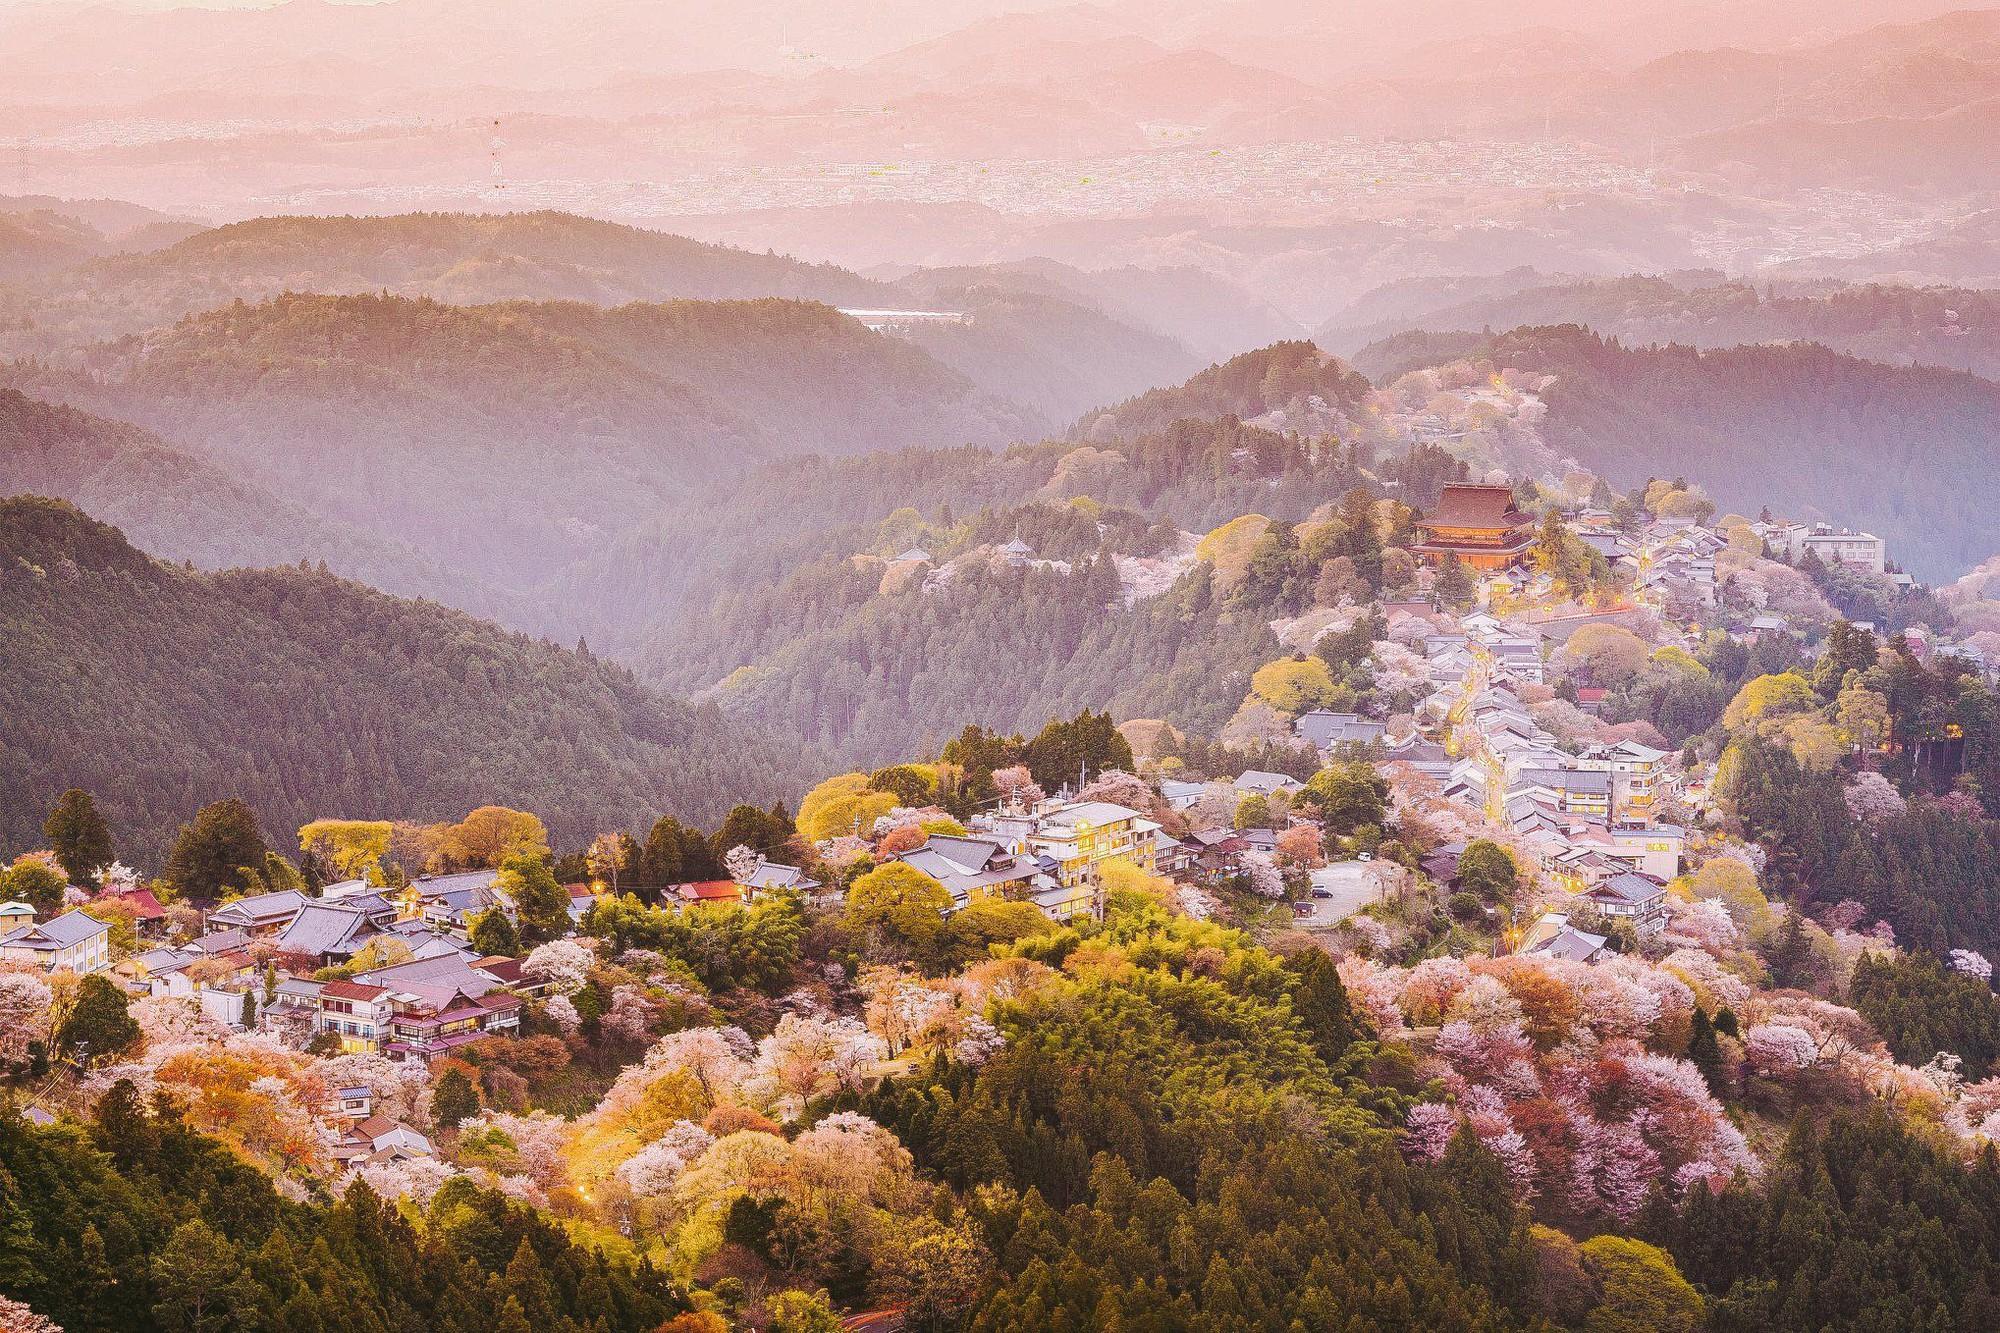 """Cánh rừng với 50.000 cây hoa anh đào ở Nhật Bản, """"nhuộm hồng"""" cả một quả núi và đẹp đến khó tin! - Ảnh 1."""